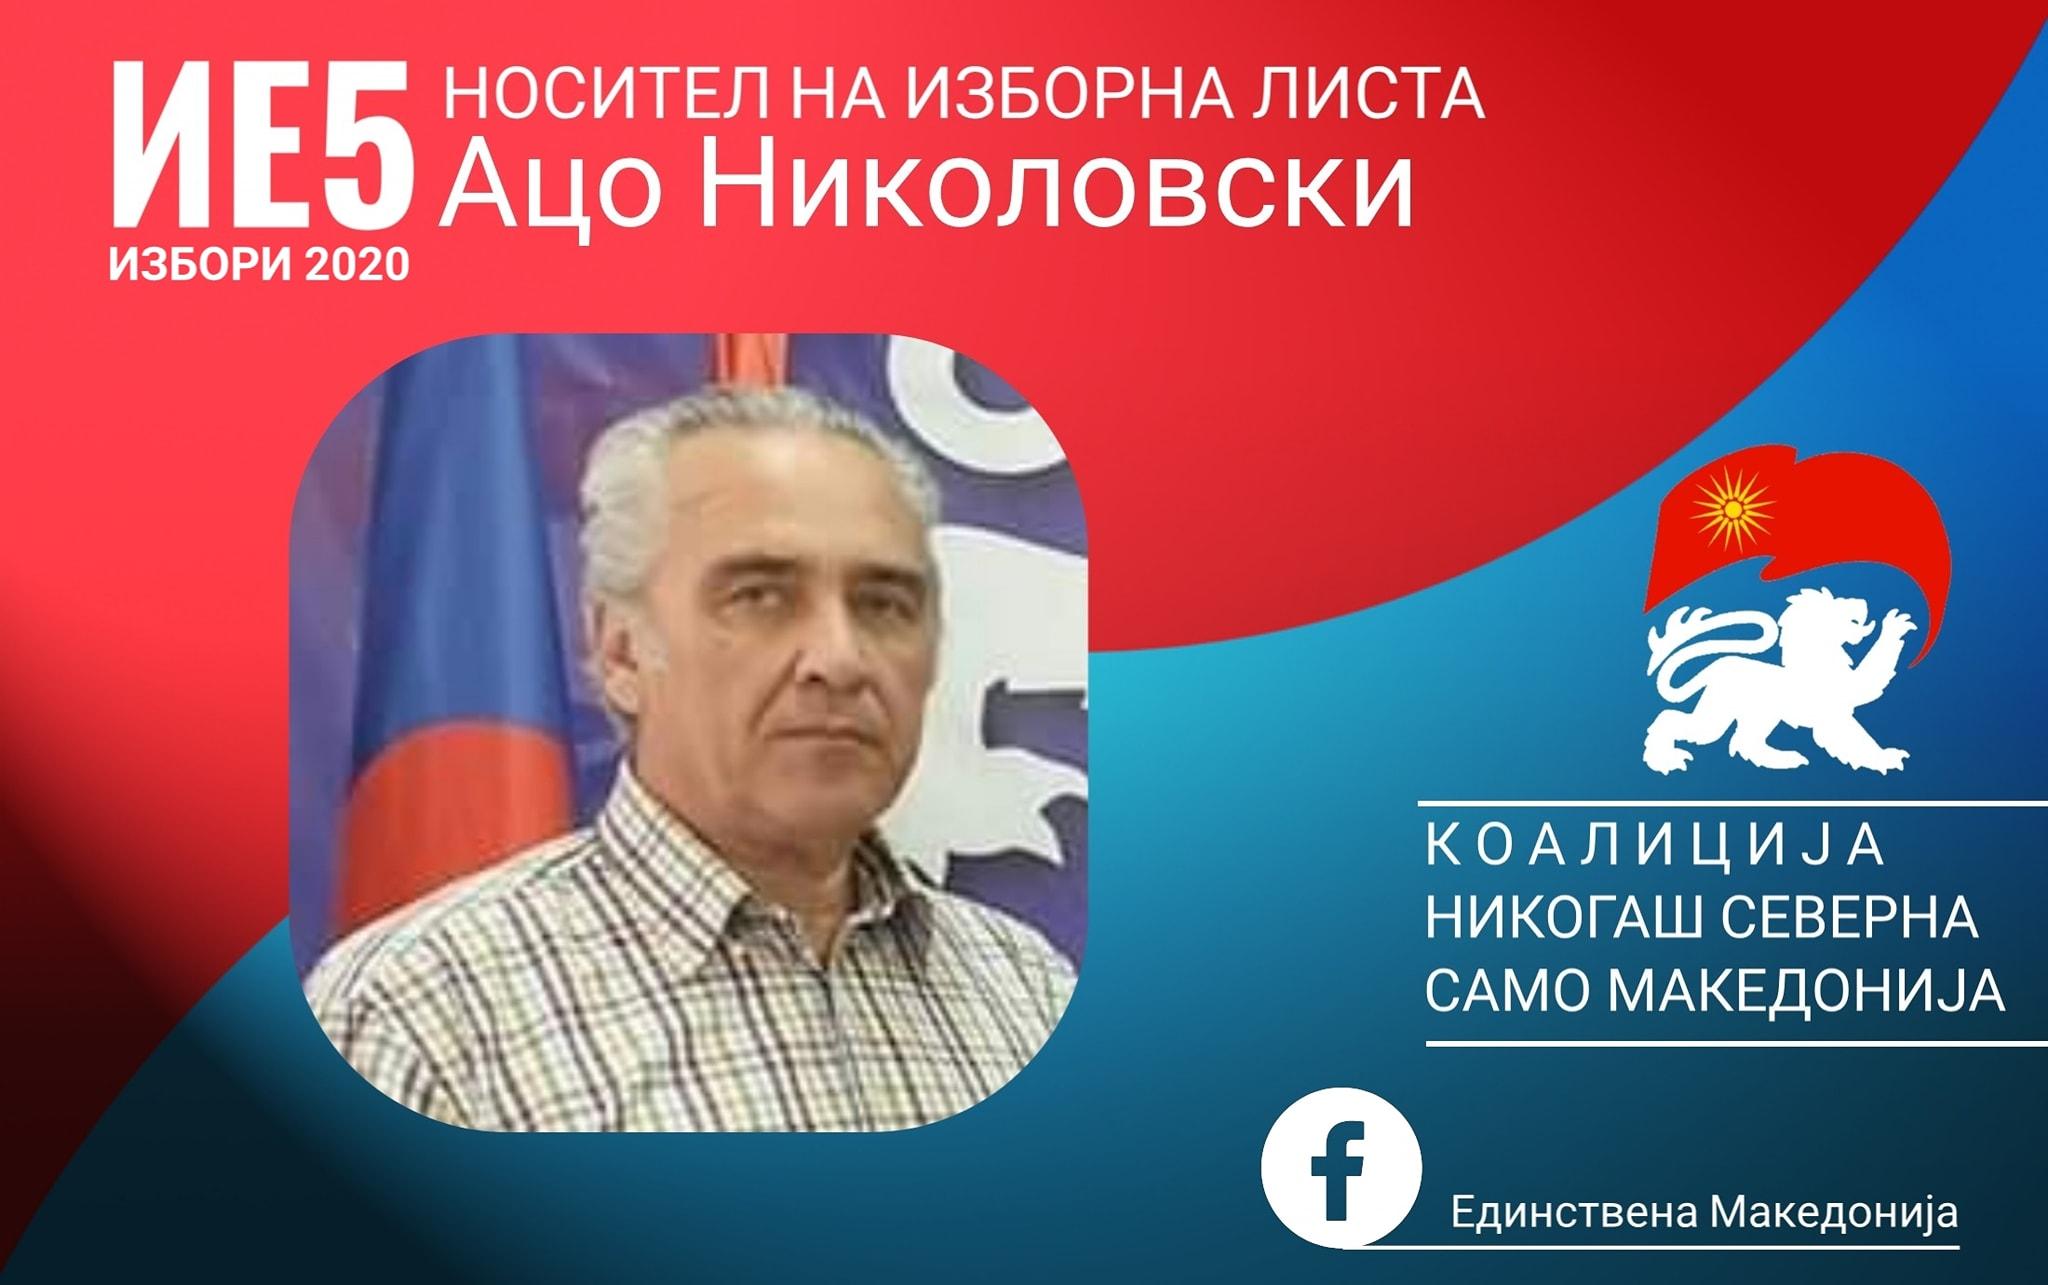 Ацо Николовски носител на листа во петтата изборна единица